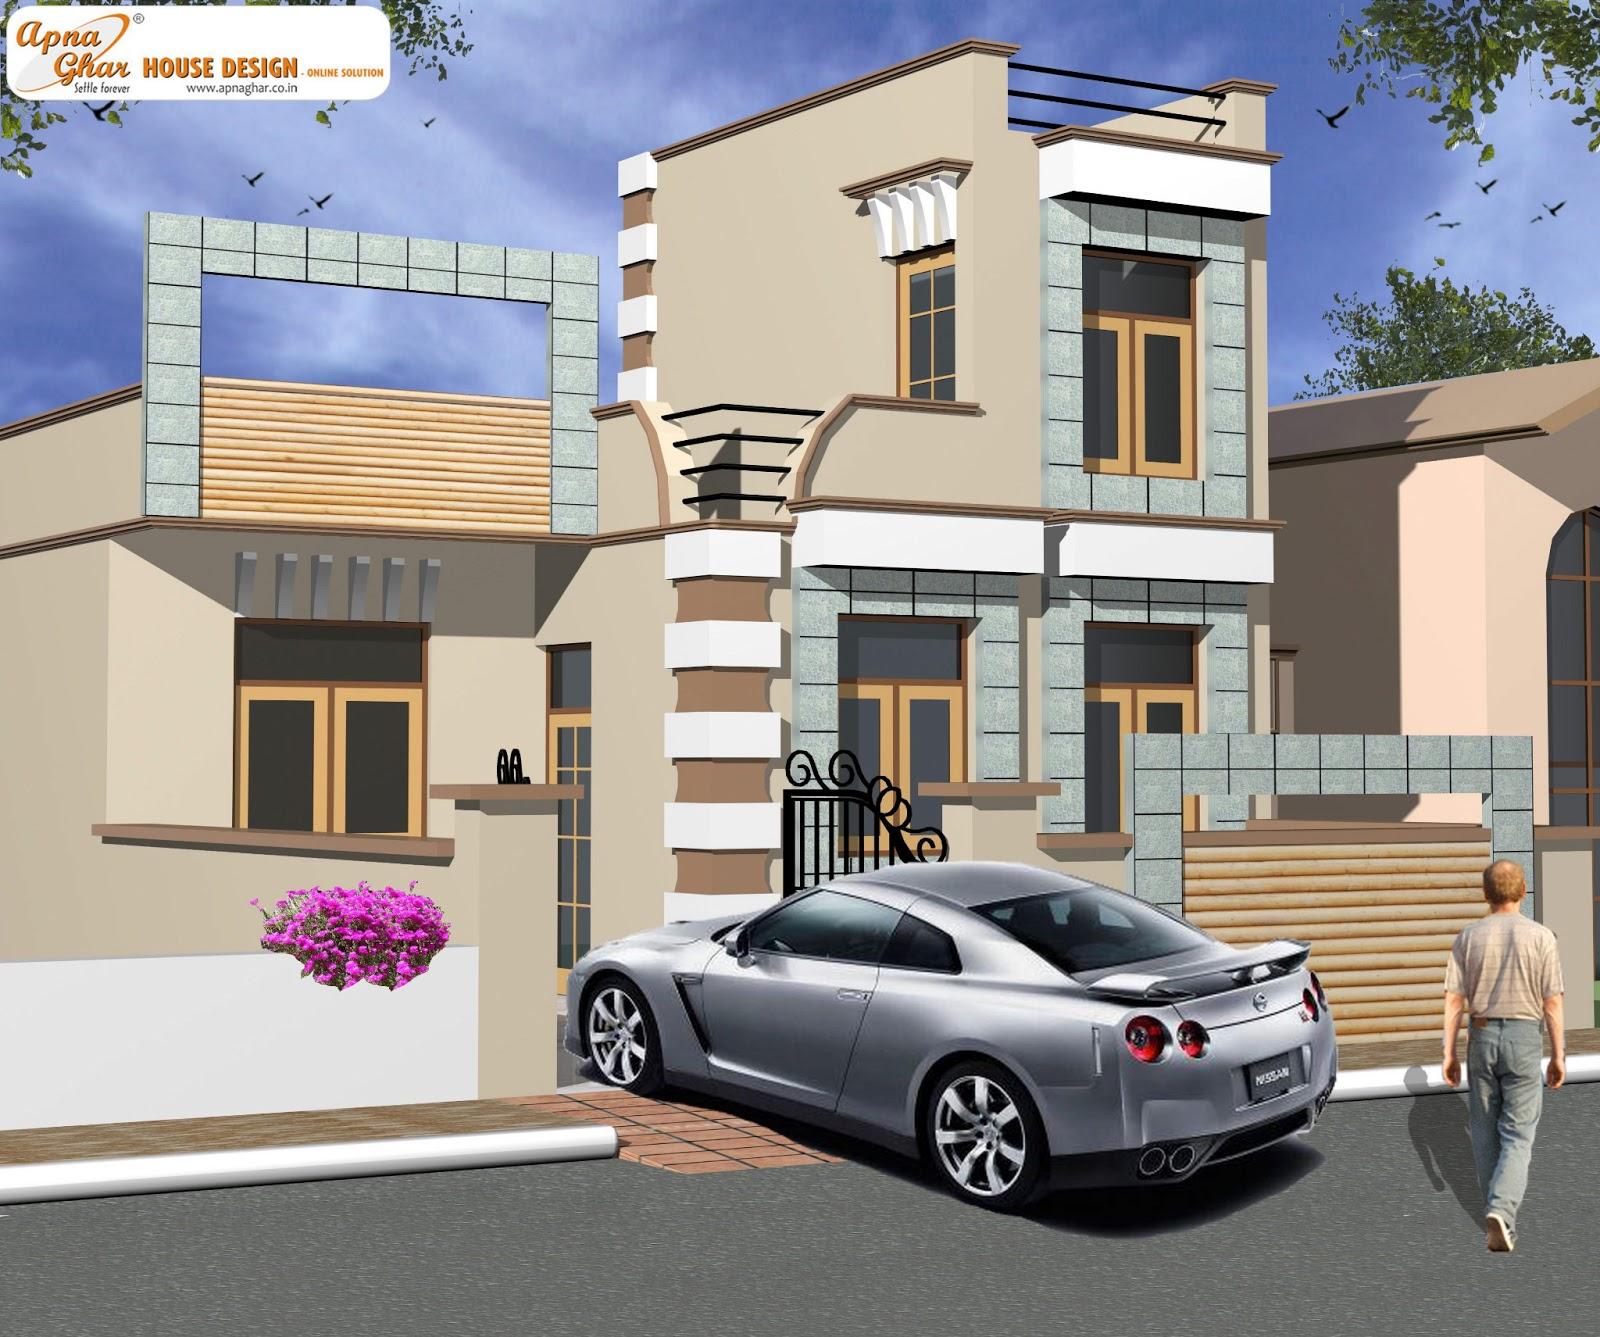 Apna ghar house designs joy studio design gallery best for Ghar design photo